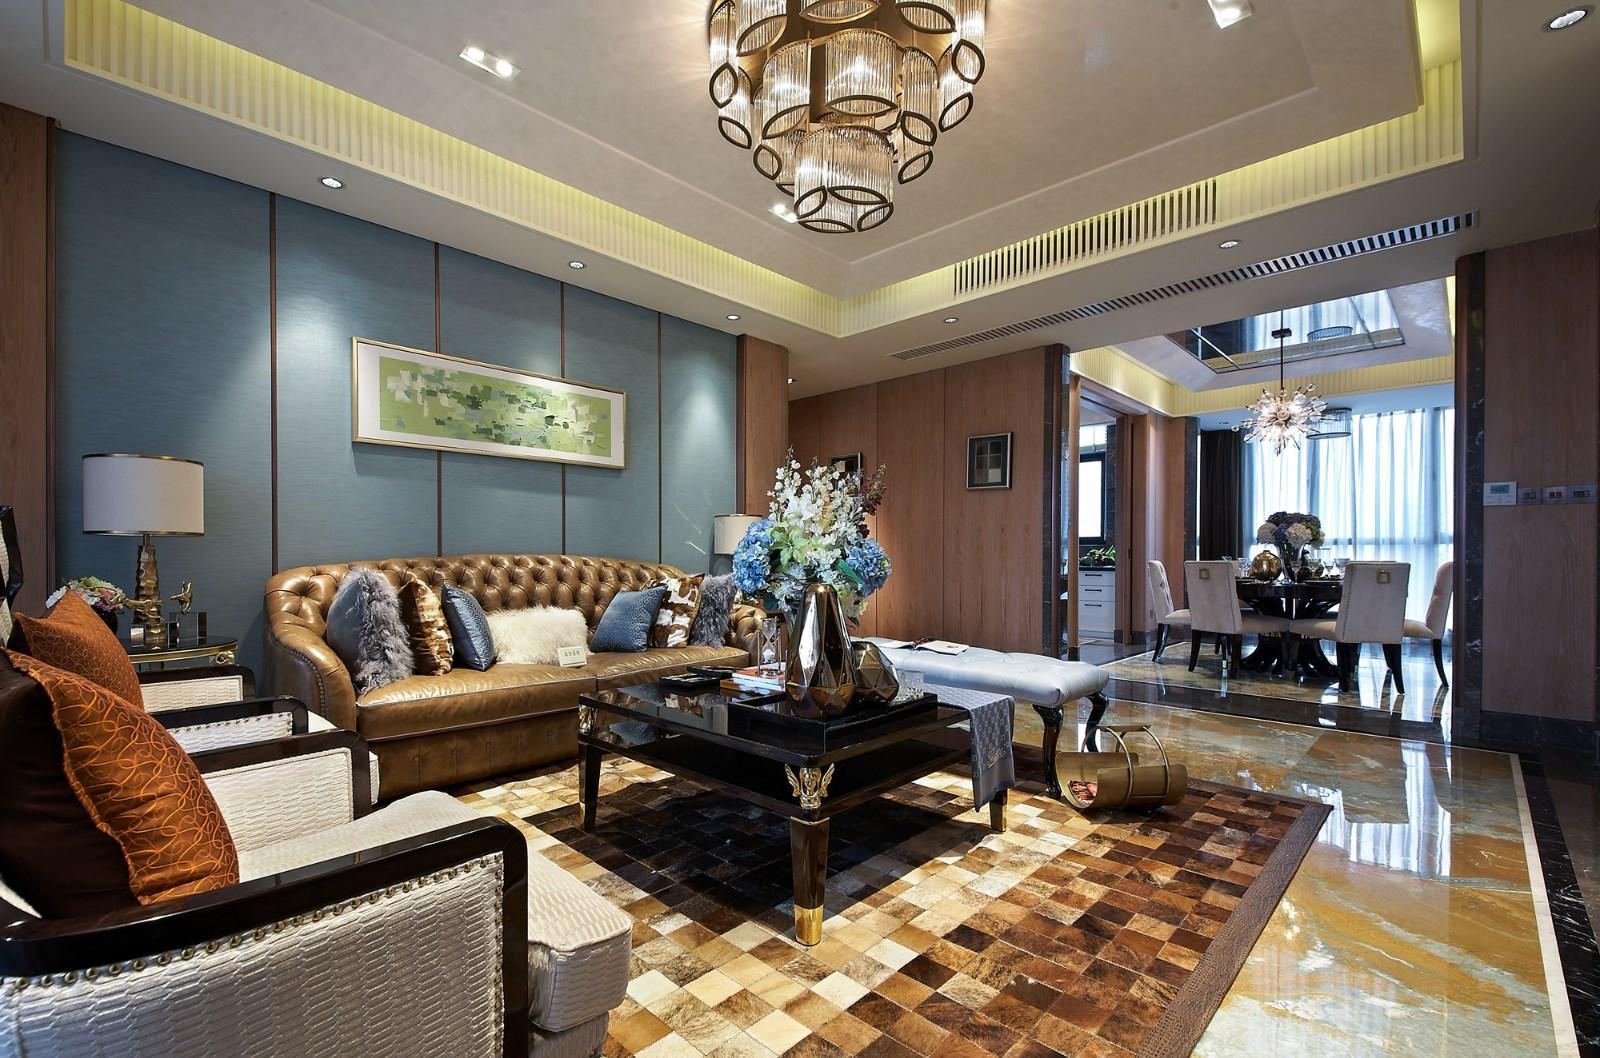 淡蓝色的背影墙尽显优雅生活品质,方格地毯从白色、奶咖到深棕,色调的渐变给人很强的节奏感和审美情趣。